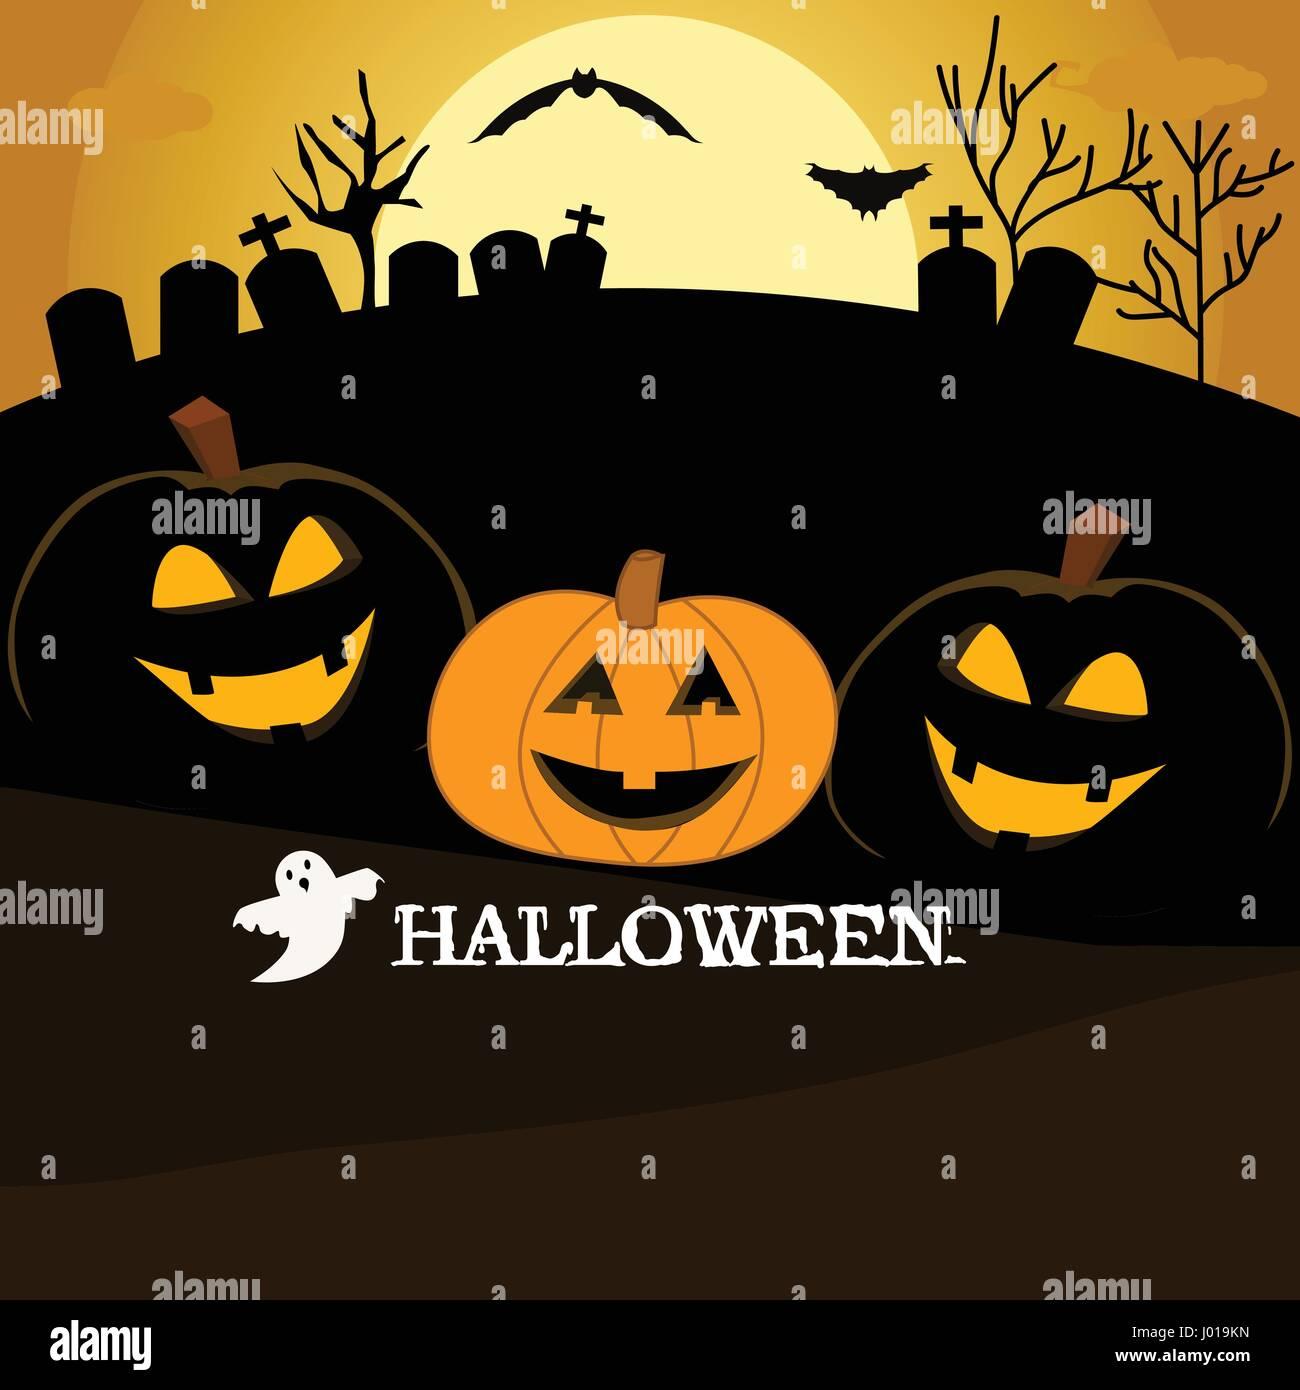 Halloween Vectors Stockfotos & Halloween Vectors Bilder - Seite 3 ...